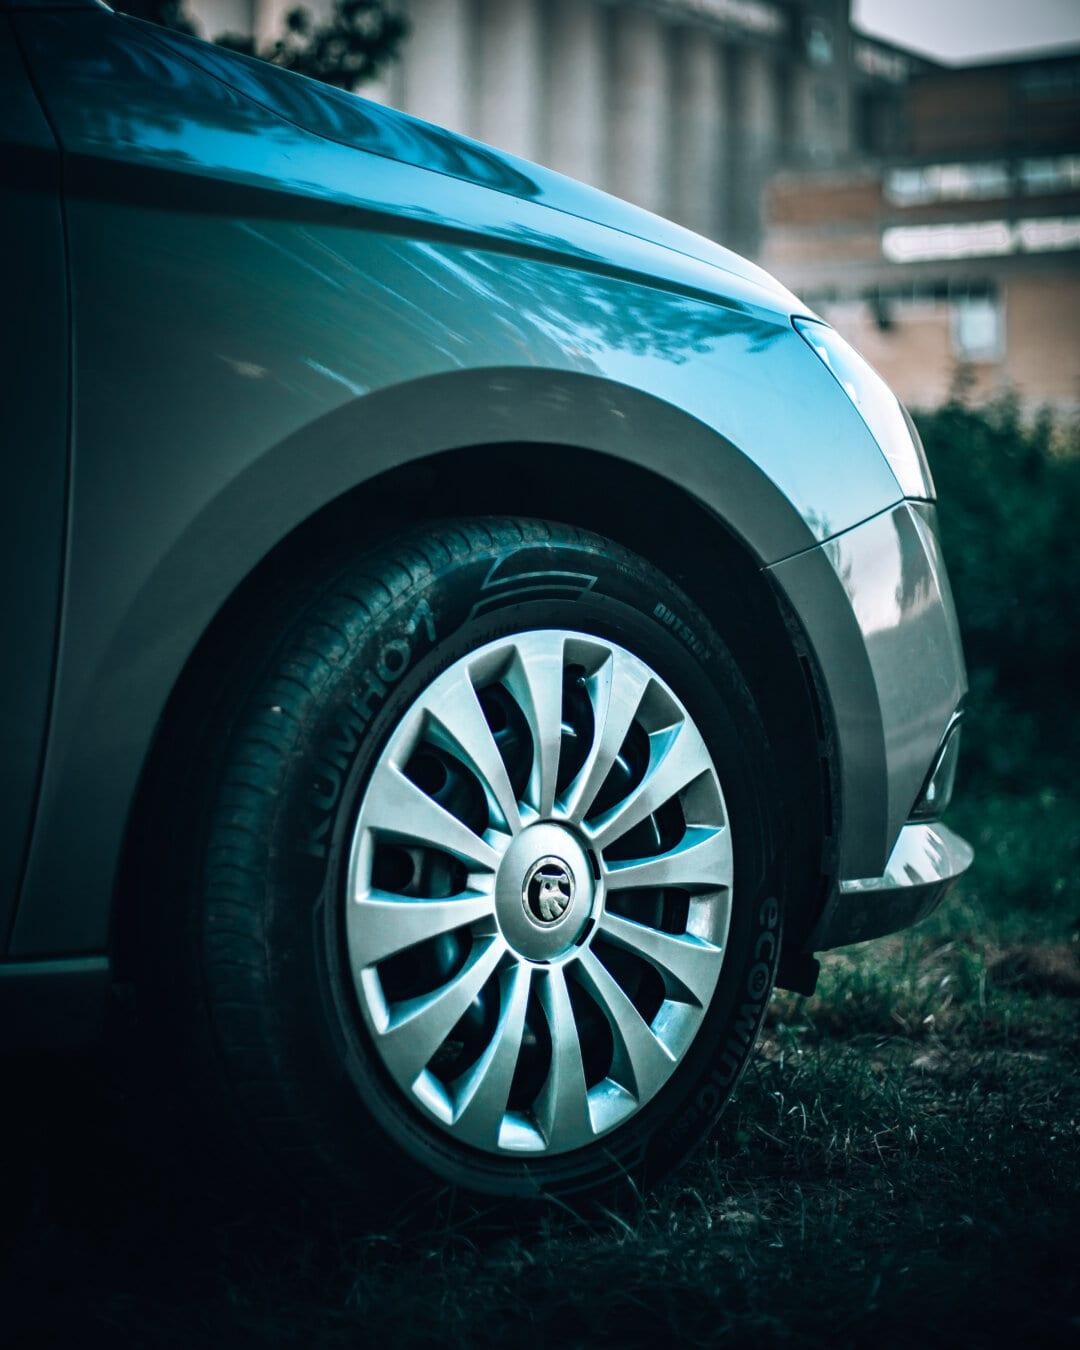 車, 縁, Skoda, タイヤ, アルミ, 反射, ラジアル, 合金, マシン, ホイール